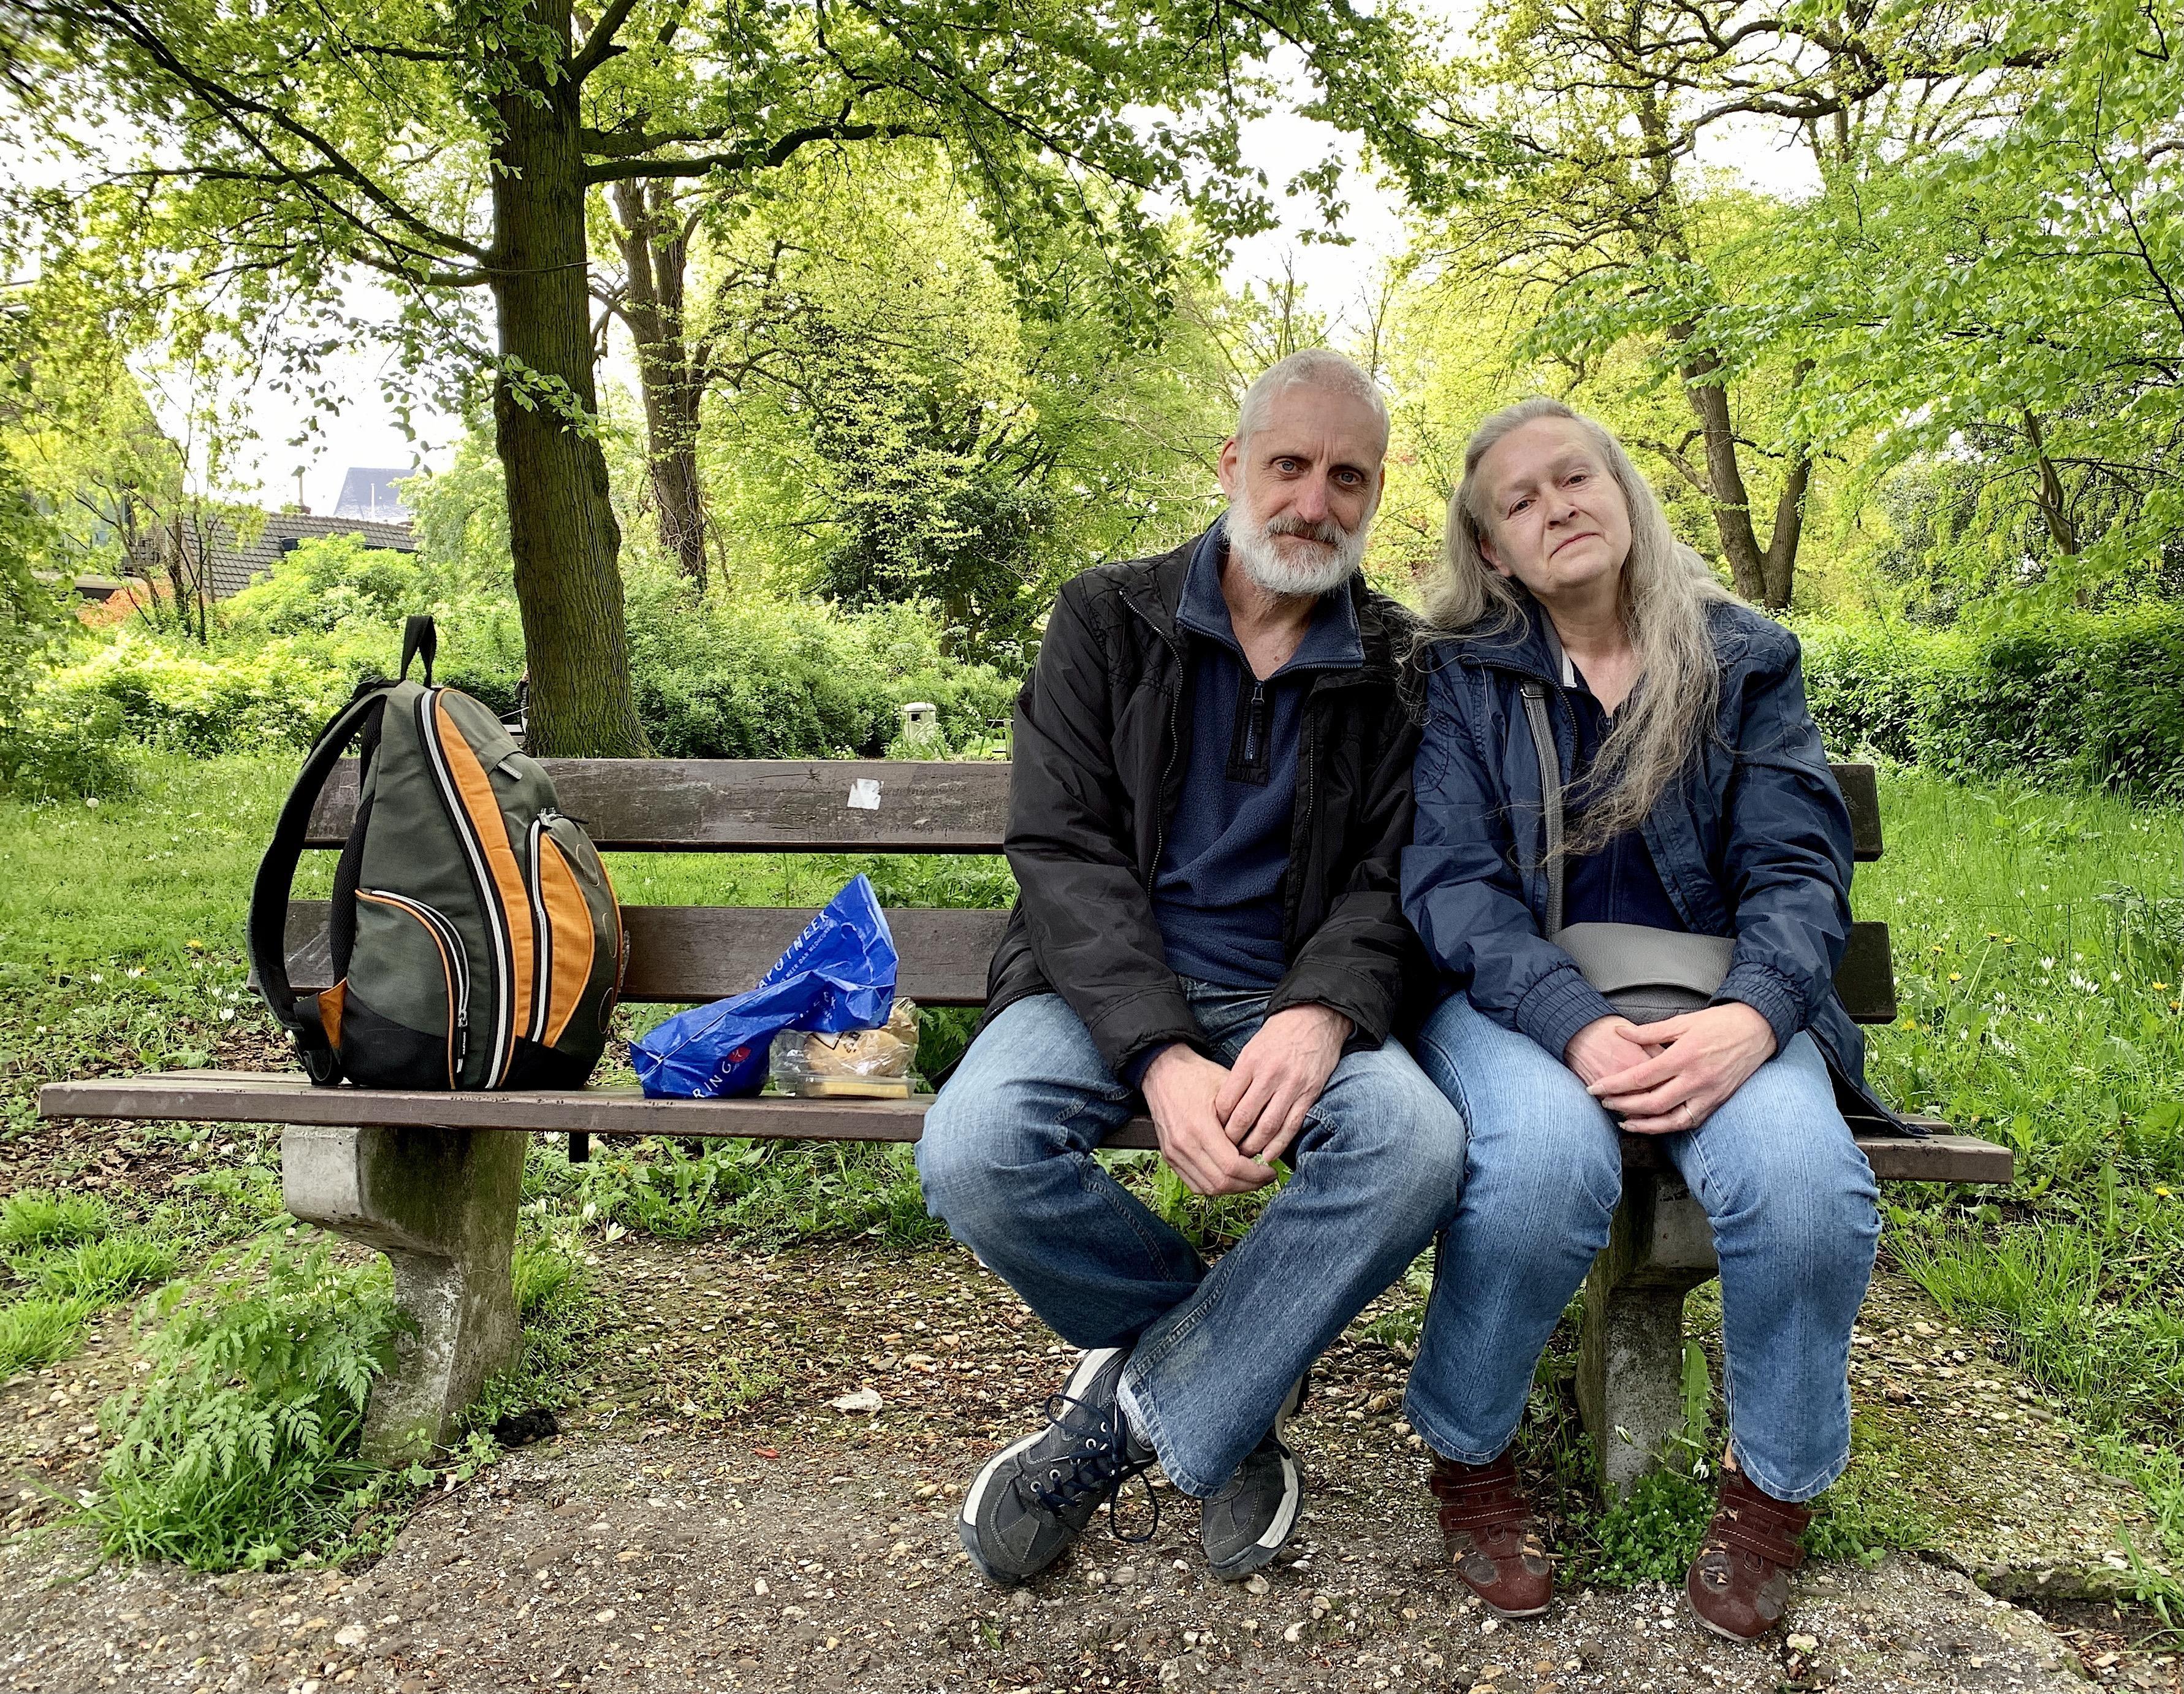 ,,We doen alles samen'', zegt Janny (61). ,,Het voelt nog altijd goed, zo bij elkaar'', meent Joop (64). Het Alkmaarse stel is al 44 jaar onafscheidelijk